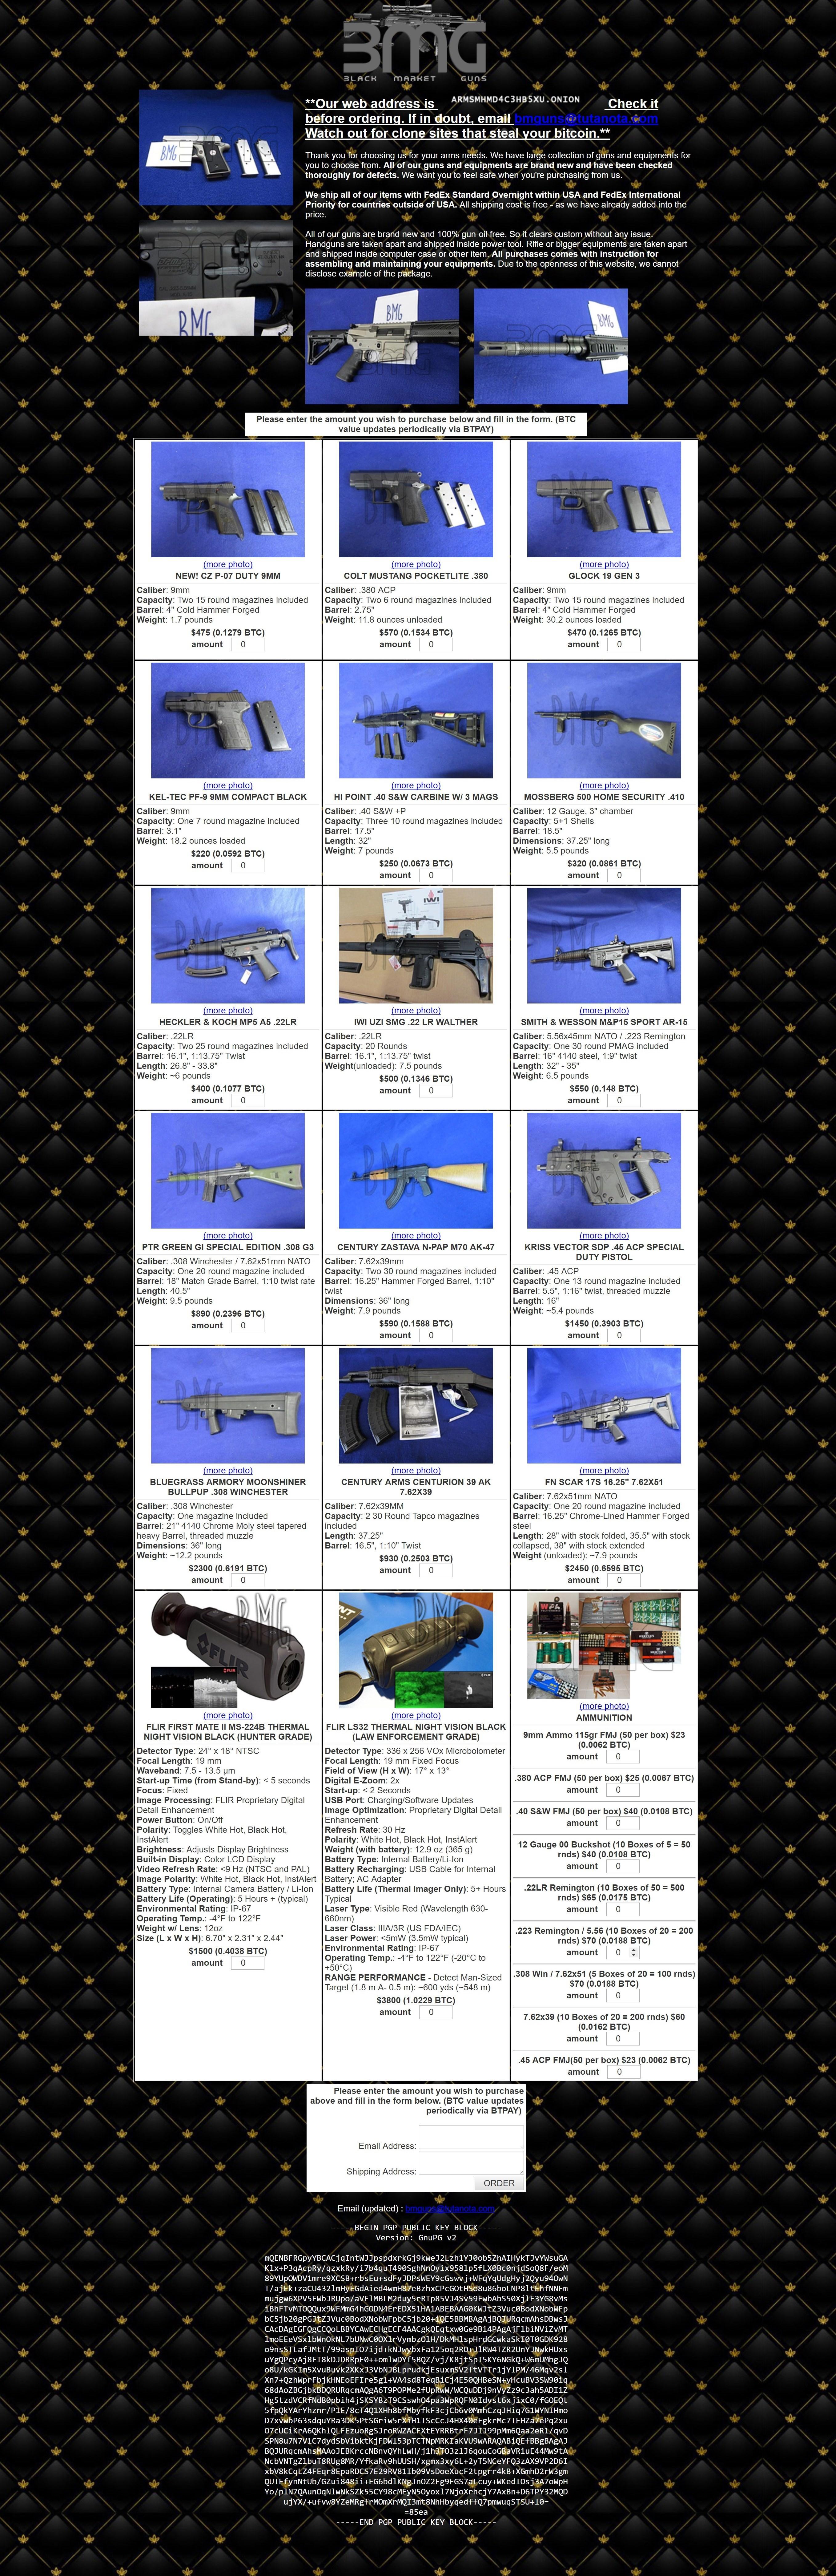 خرید اسلحه با بیتکوین